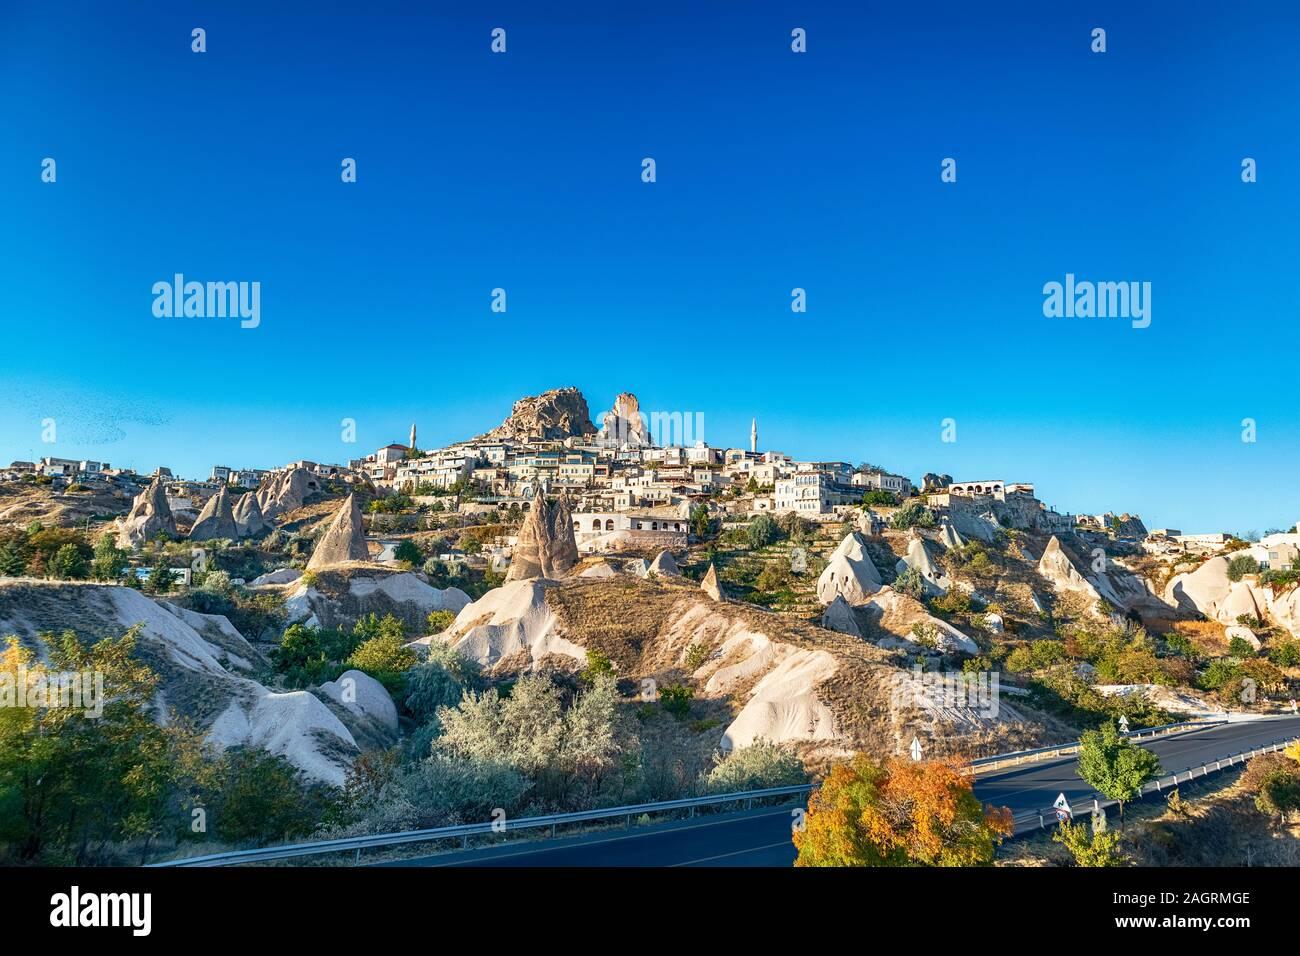 Vue sur la ville d'Uchisar. La ville grotte en Cappadoce. Turquie l'endroit idéal pour regarder des ballons d'air chaud Banque D'Images